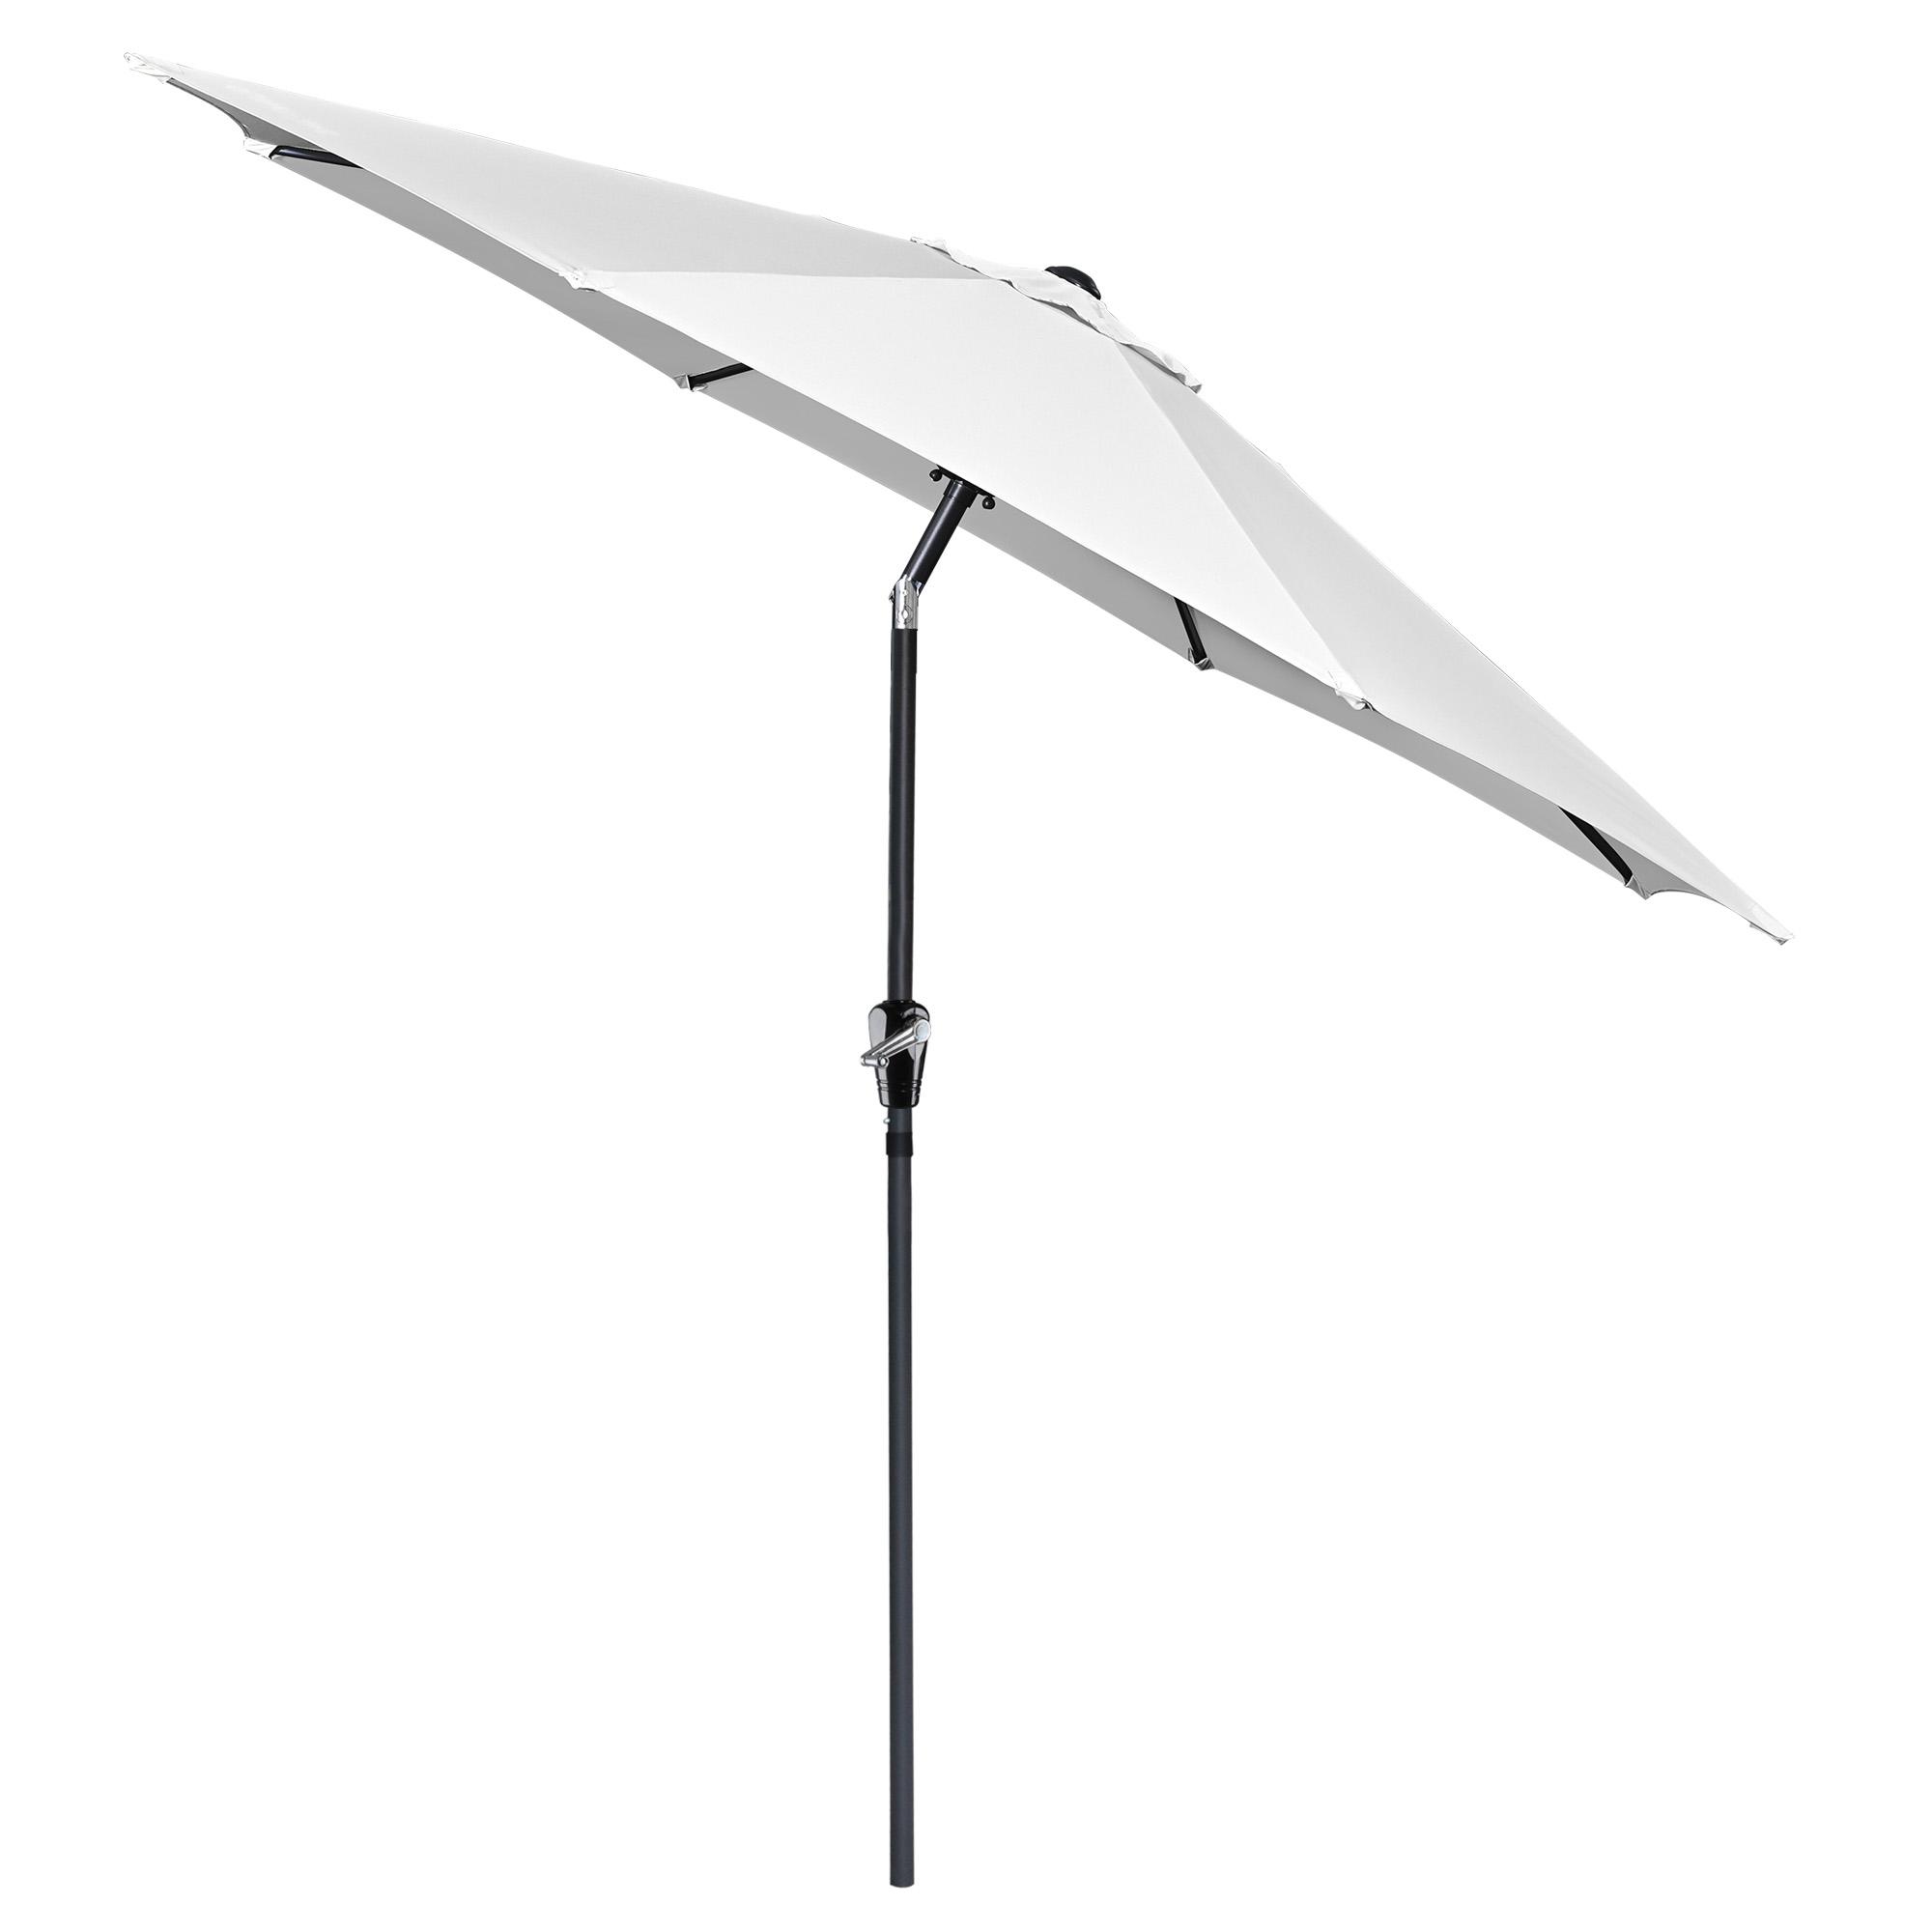 thumbnail 120 - 9' Outdoor Umbrella Patio 8 Ribs Market Garden Crank Tilt Beach Sunshade Parasol